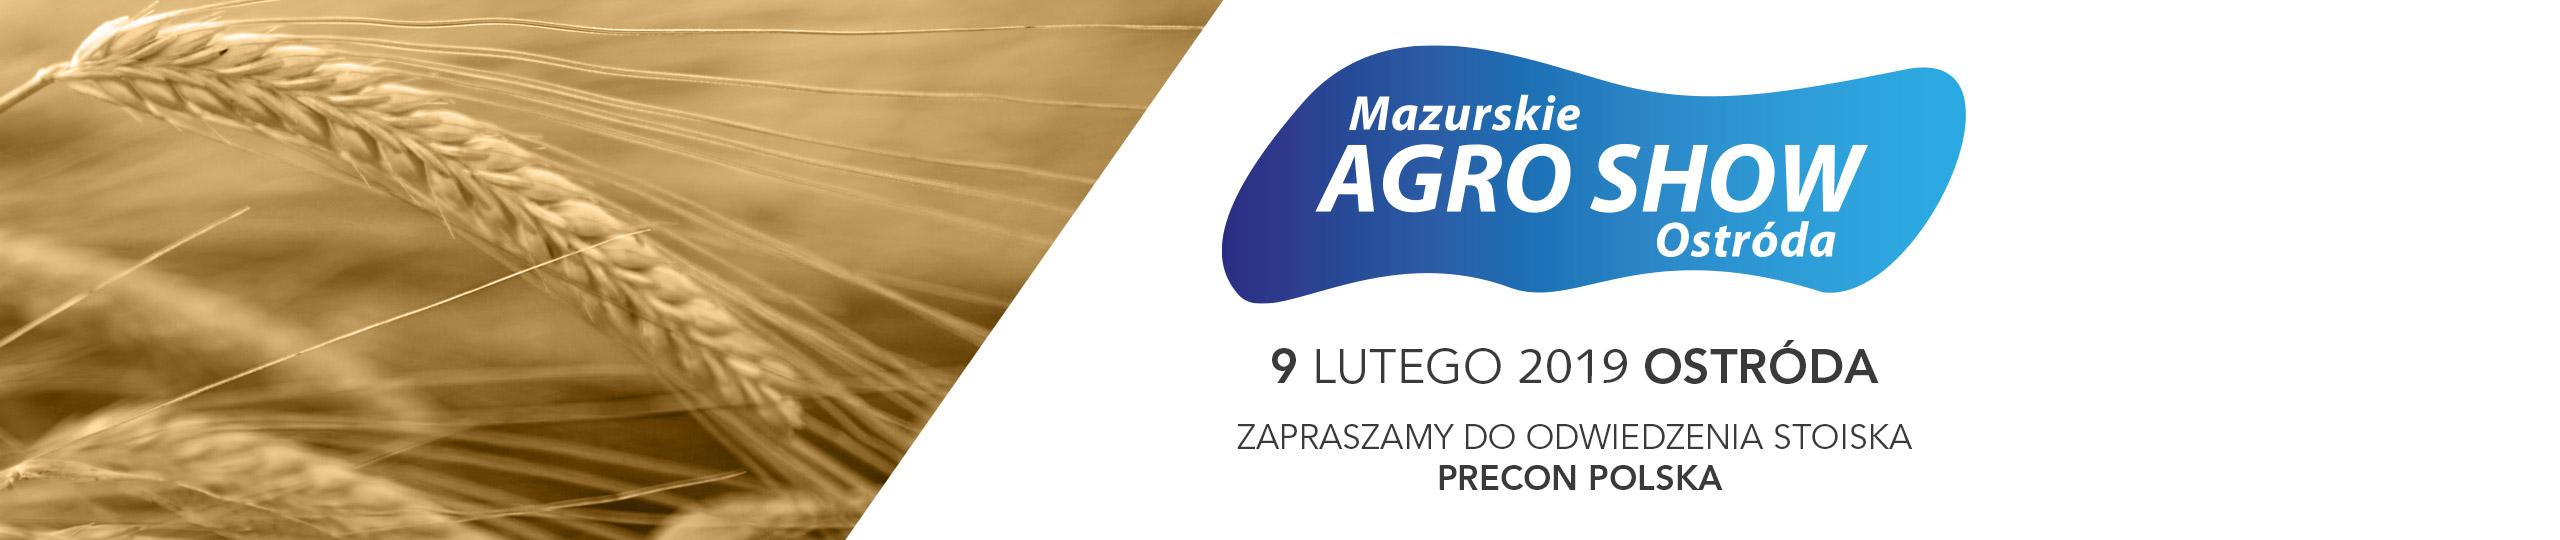 Targi rolnicze Mazurskie Agro Show 2019